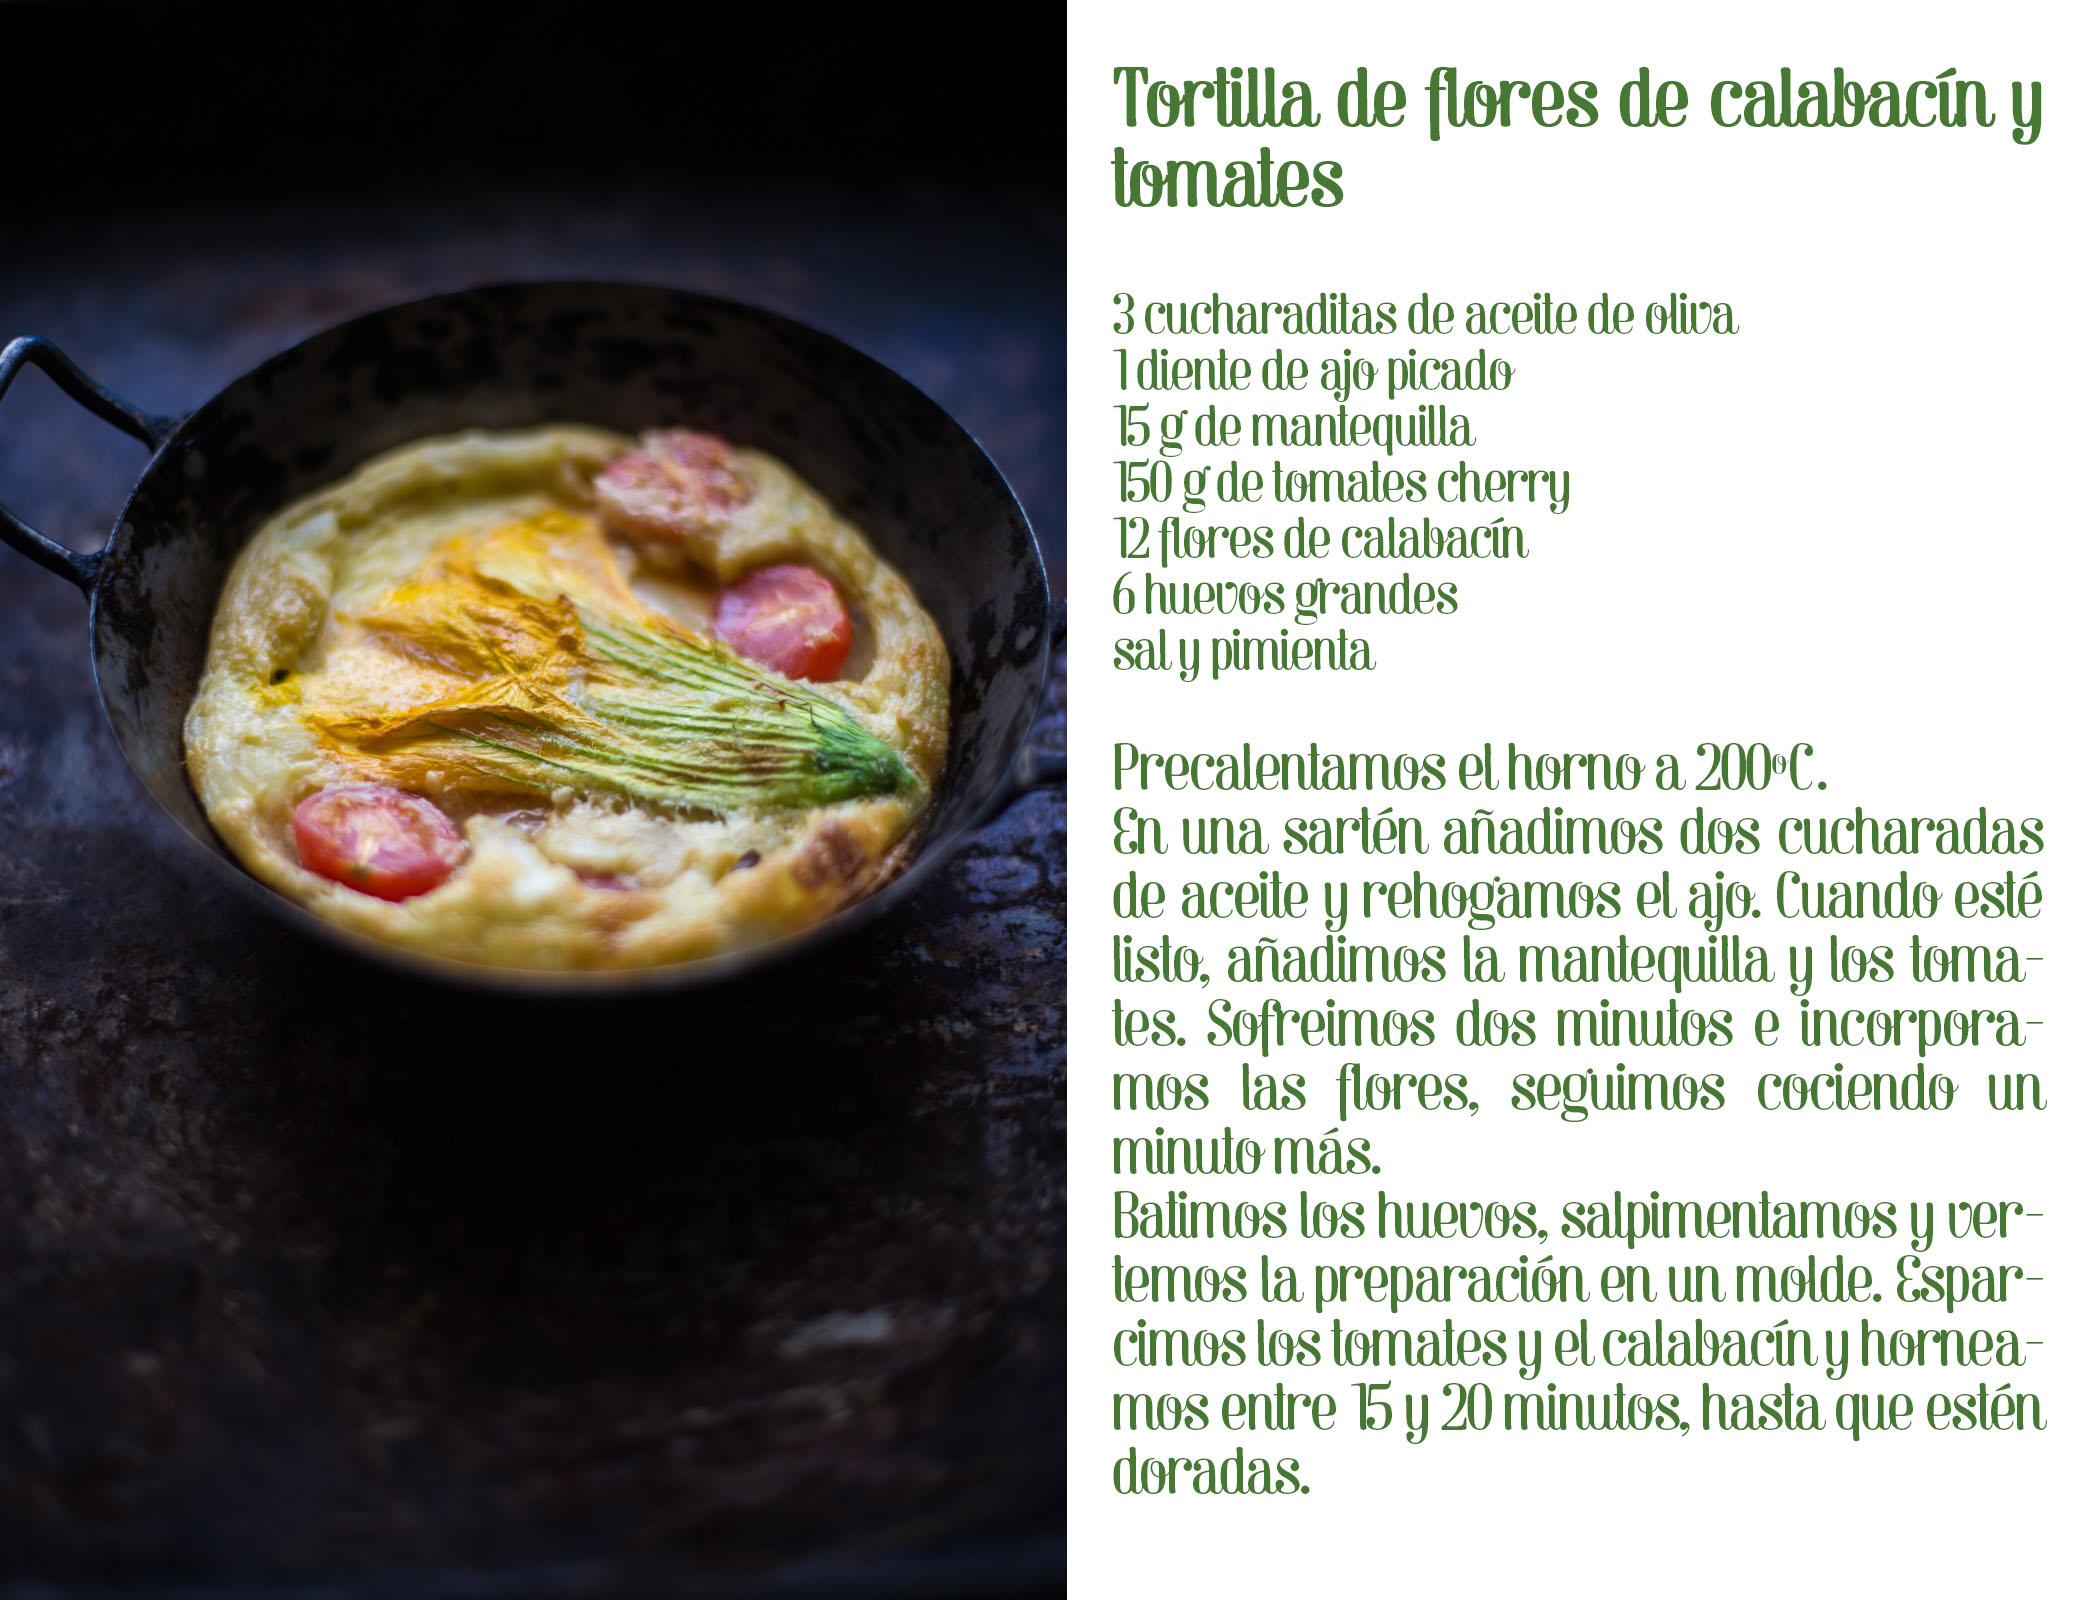 Tortilla de flor de calabacín y tomate